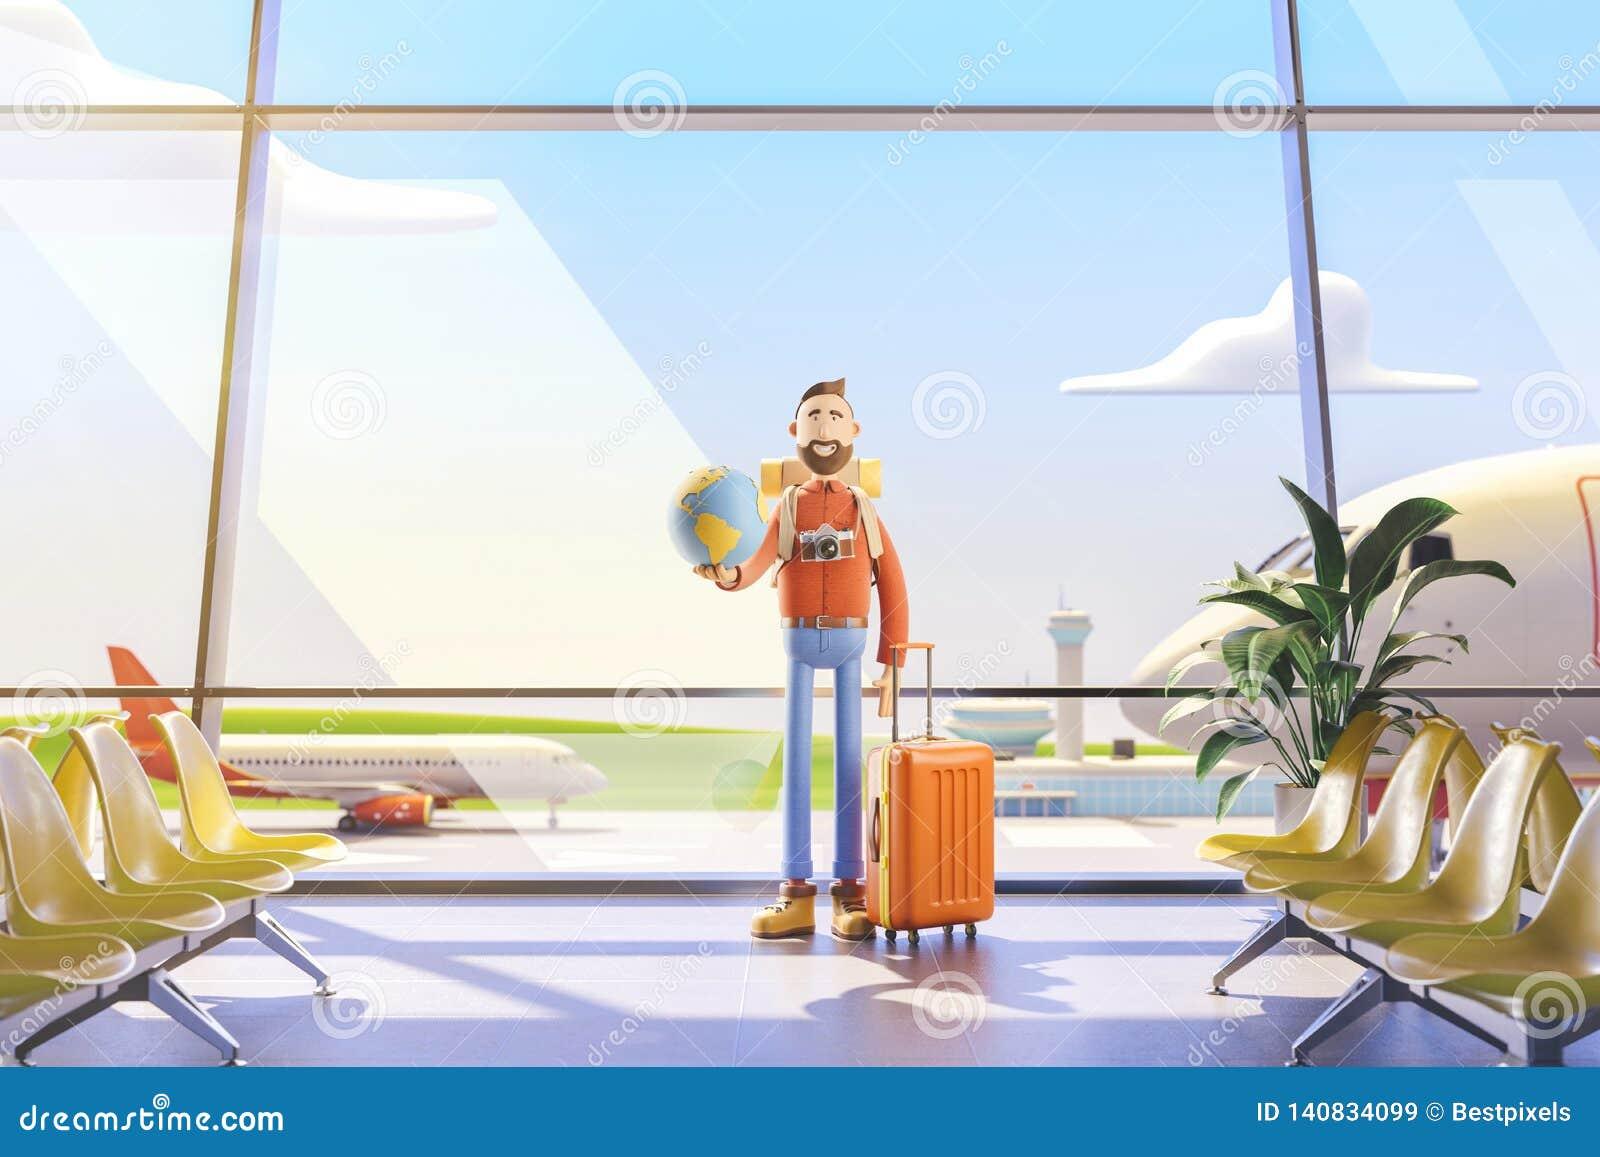 Le touriste de personnage de dessin animé maintient le monde entier sur la paume dans l aéroport illustration 3D Concept de voyag